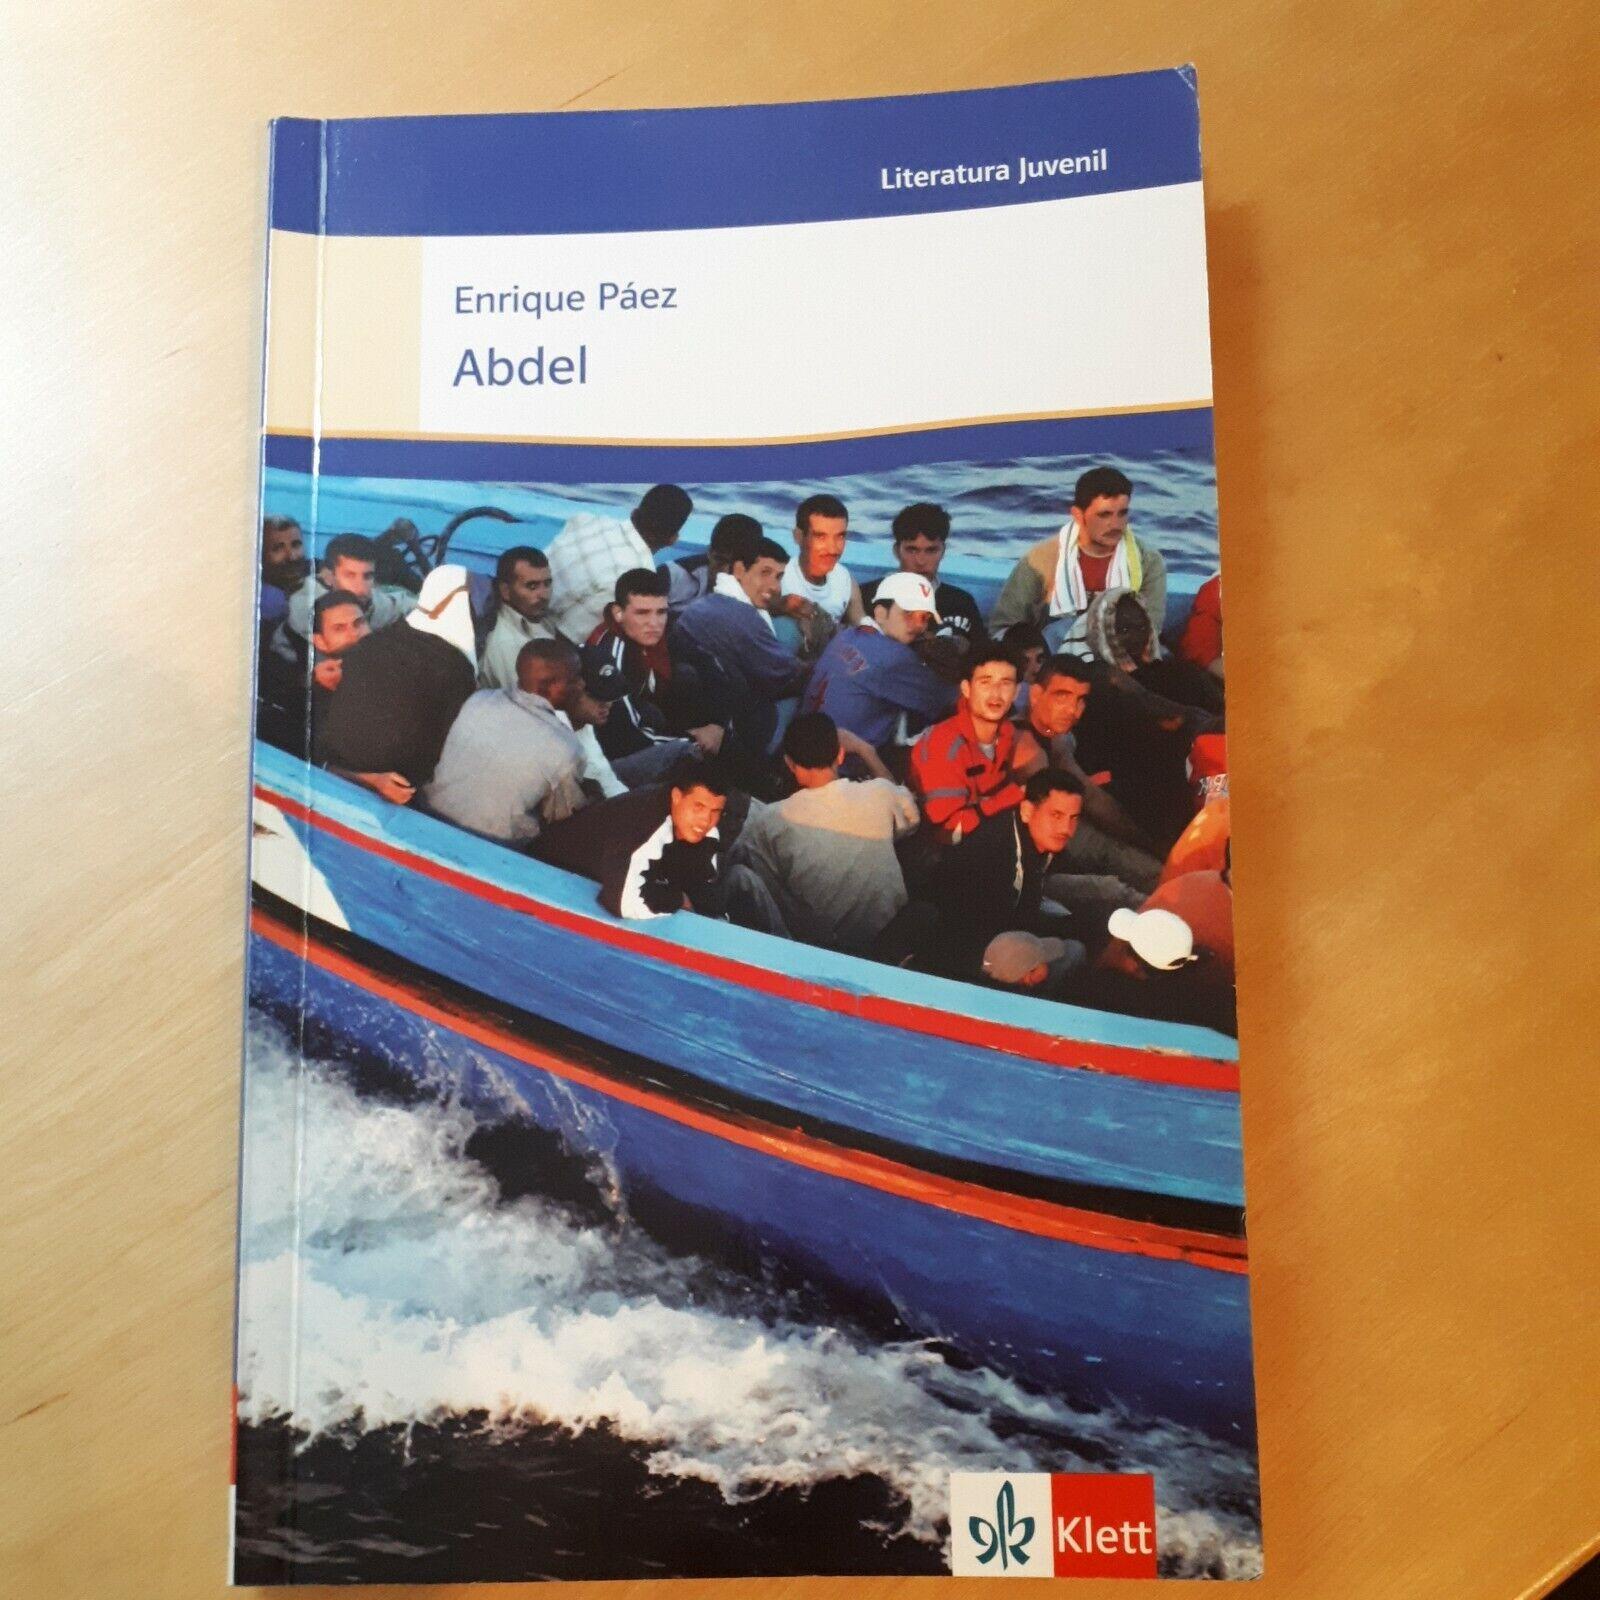 Abdel, Enrique Paez , Klett Verlag - Enrique Paez